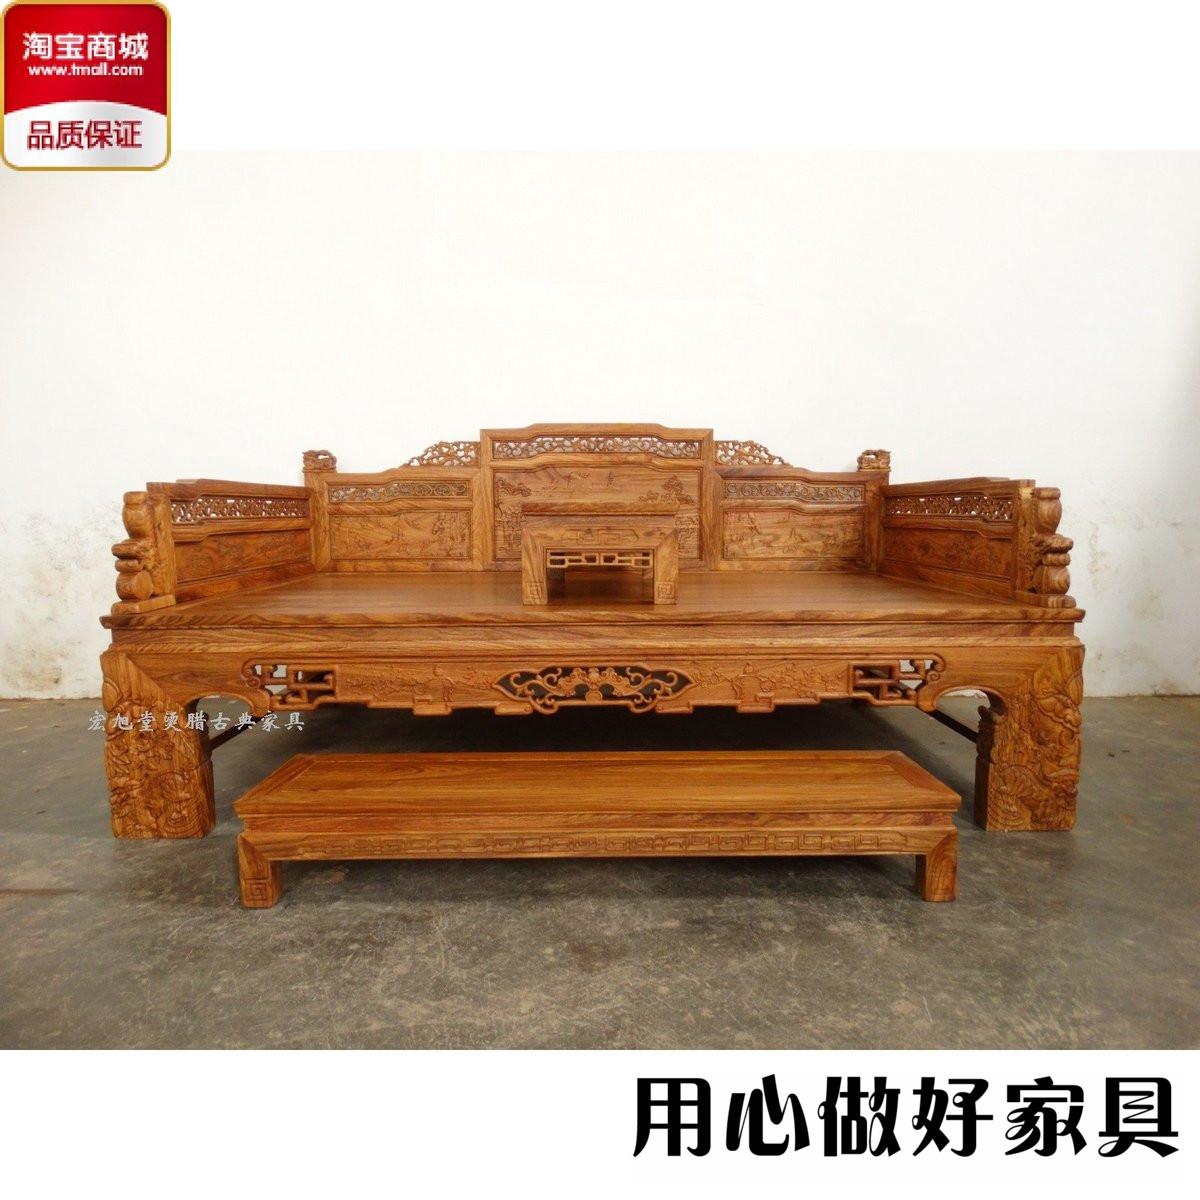 烫蜡红木罗汉床 明清仿古中式家具 刺猬紫檀花梨木雕花双狮罗汉床